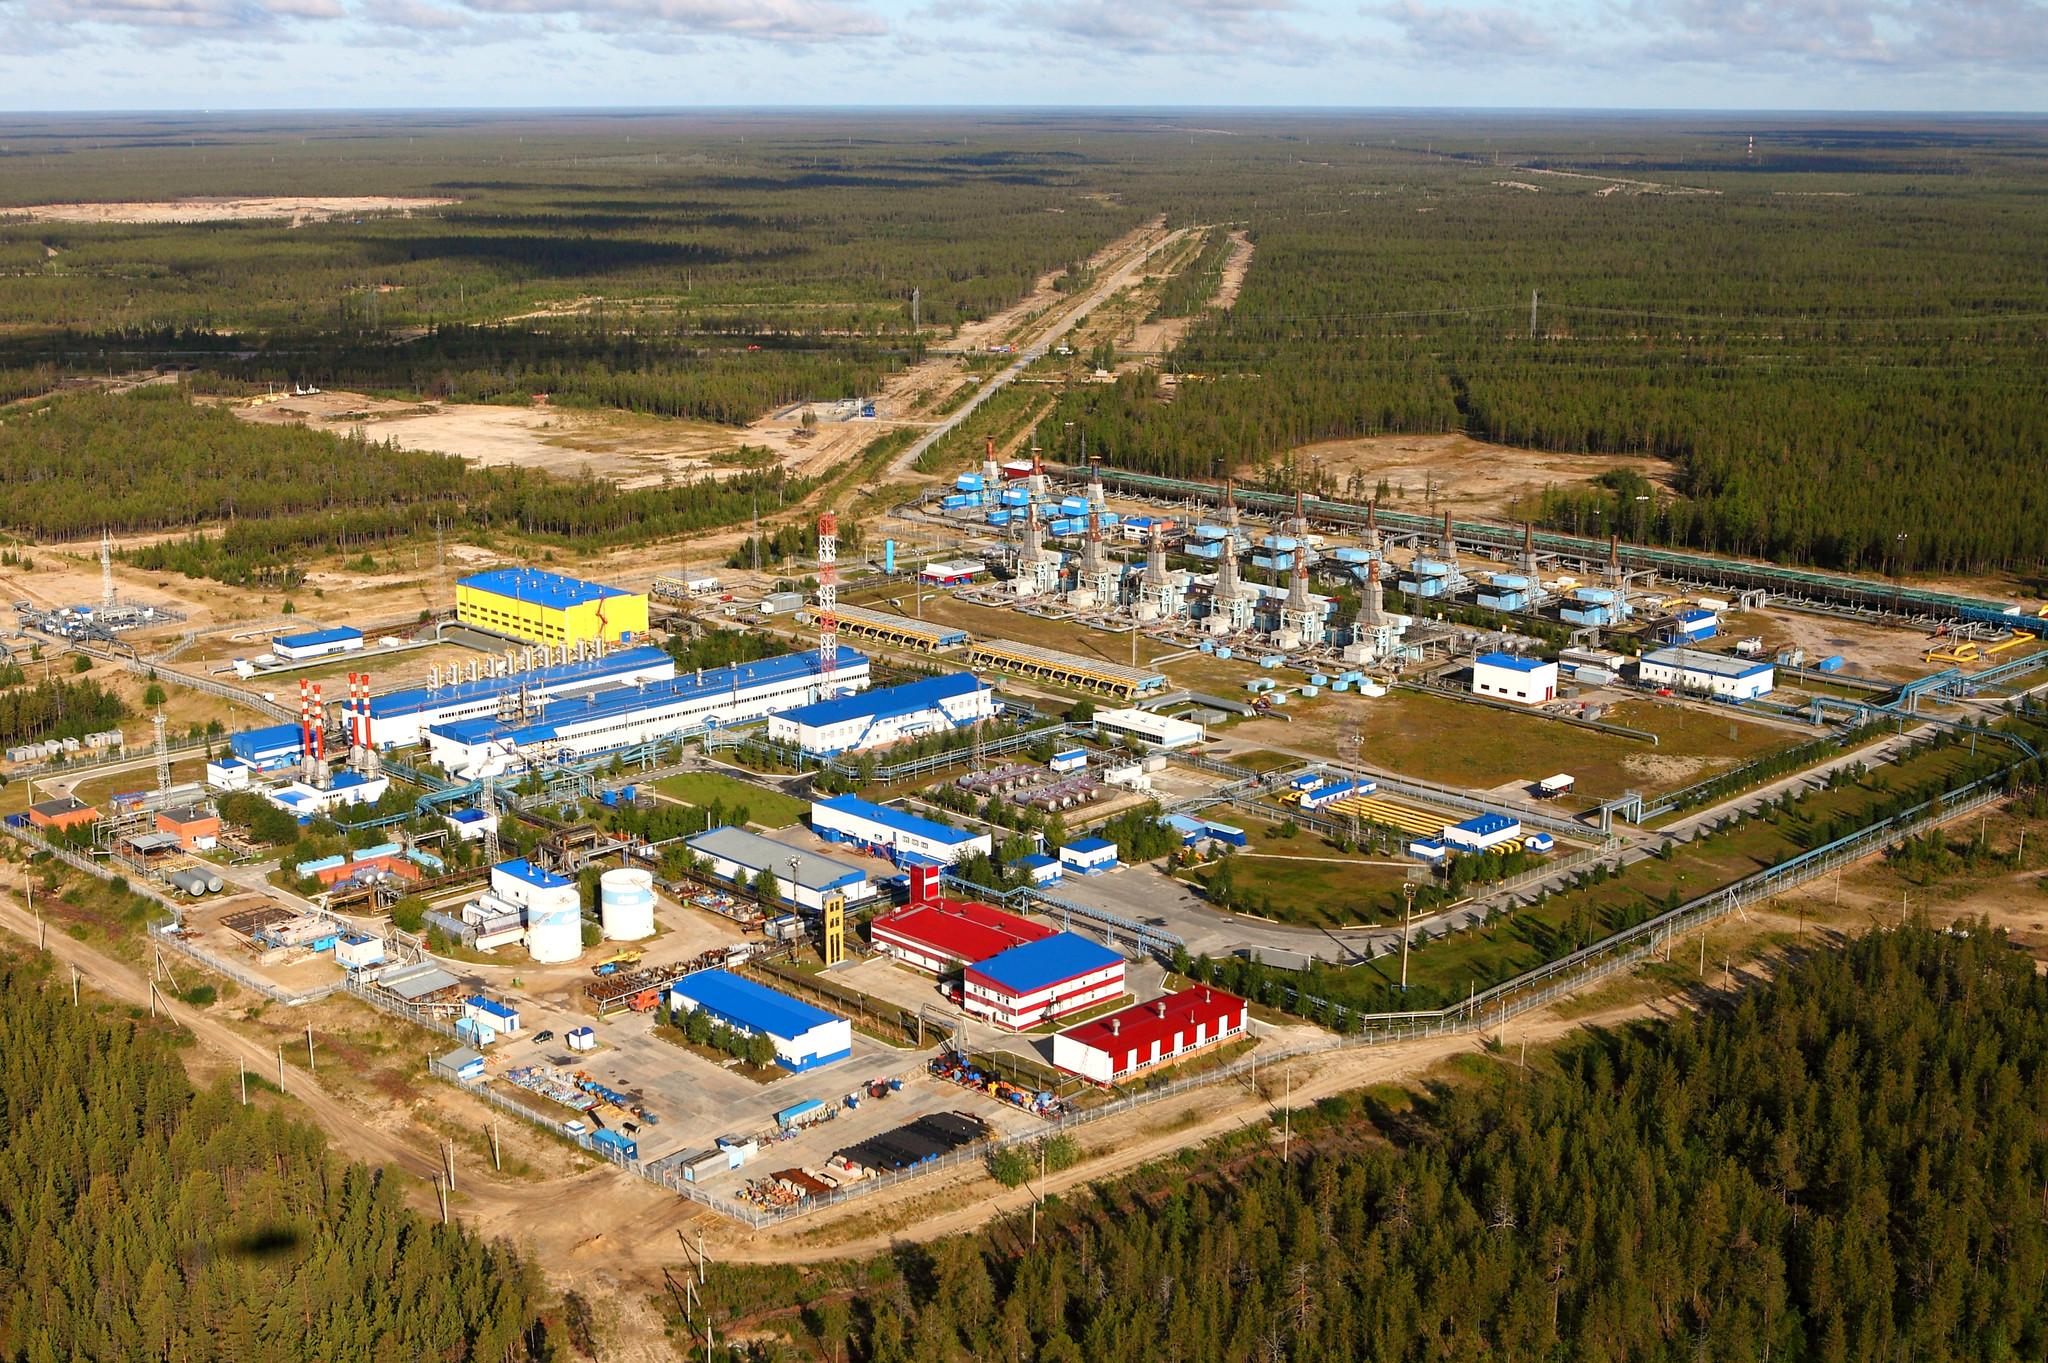 Газпром направит на реконструкцию систем пожарной безопасности Комсомольского газового промысла 500 млн рублей